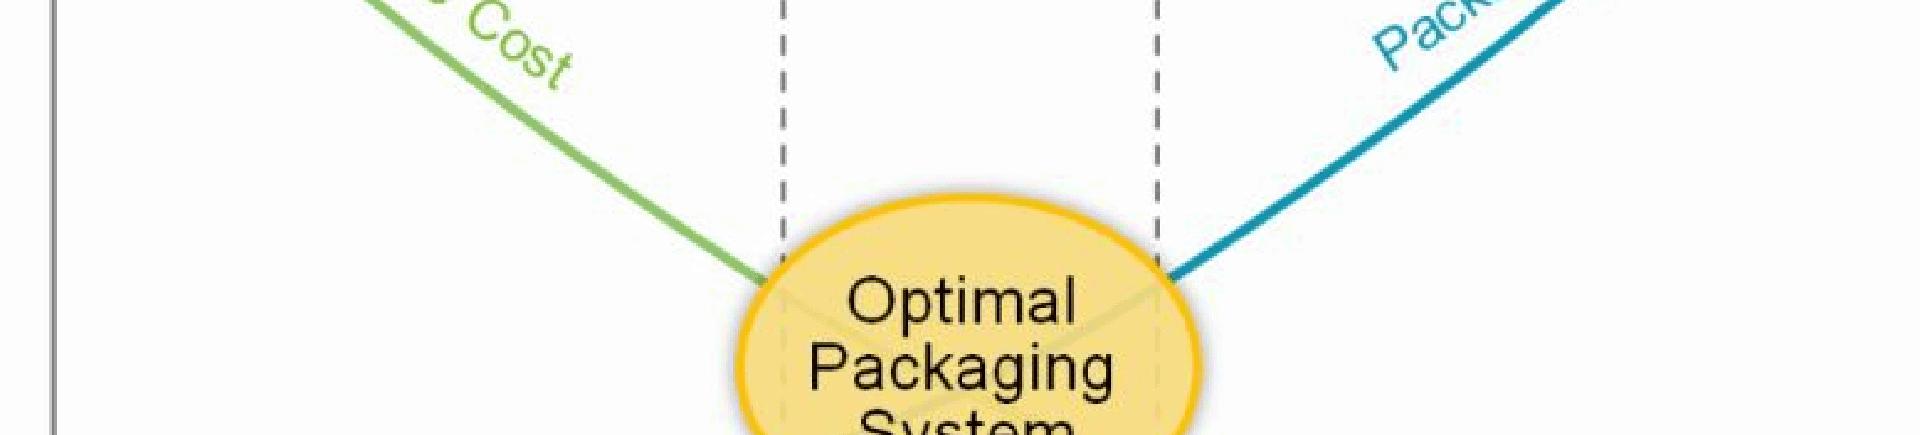 Optimal Packaging